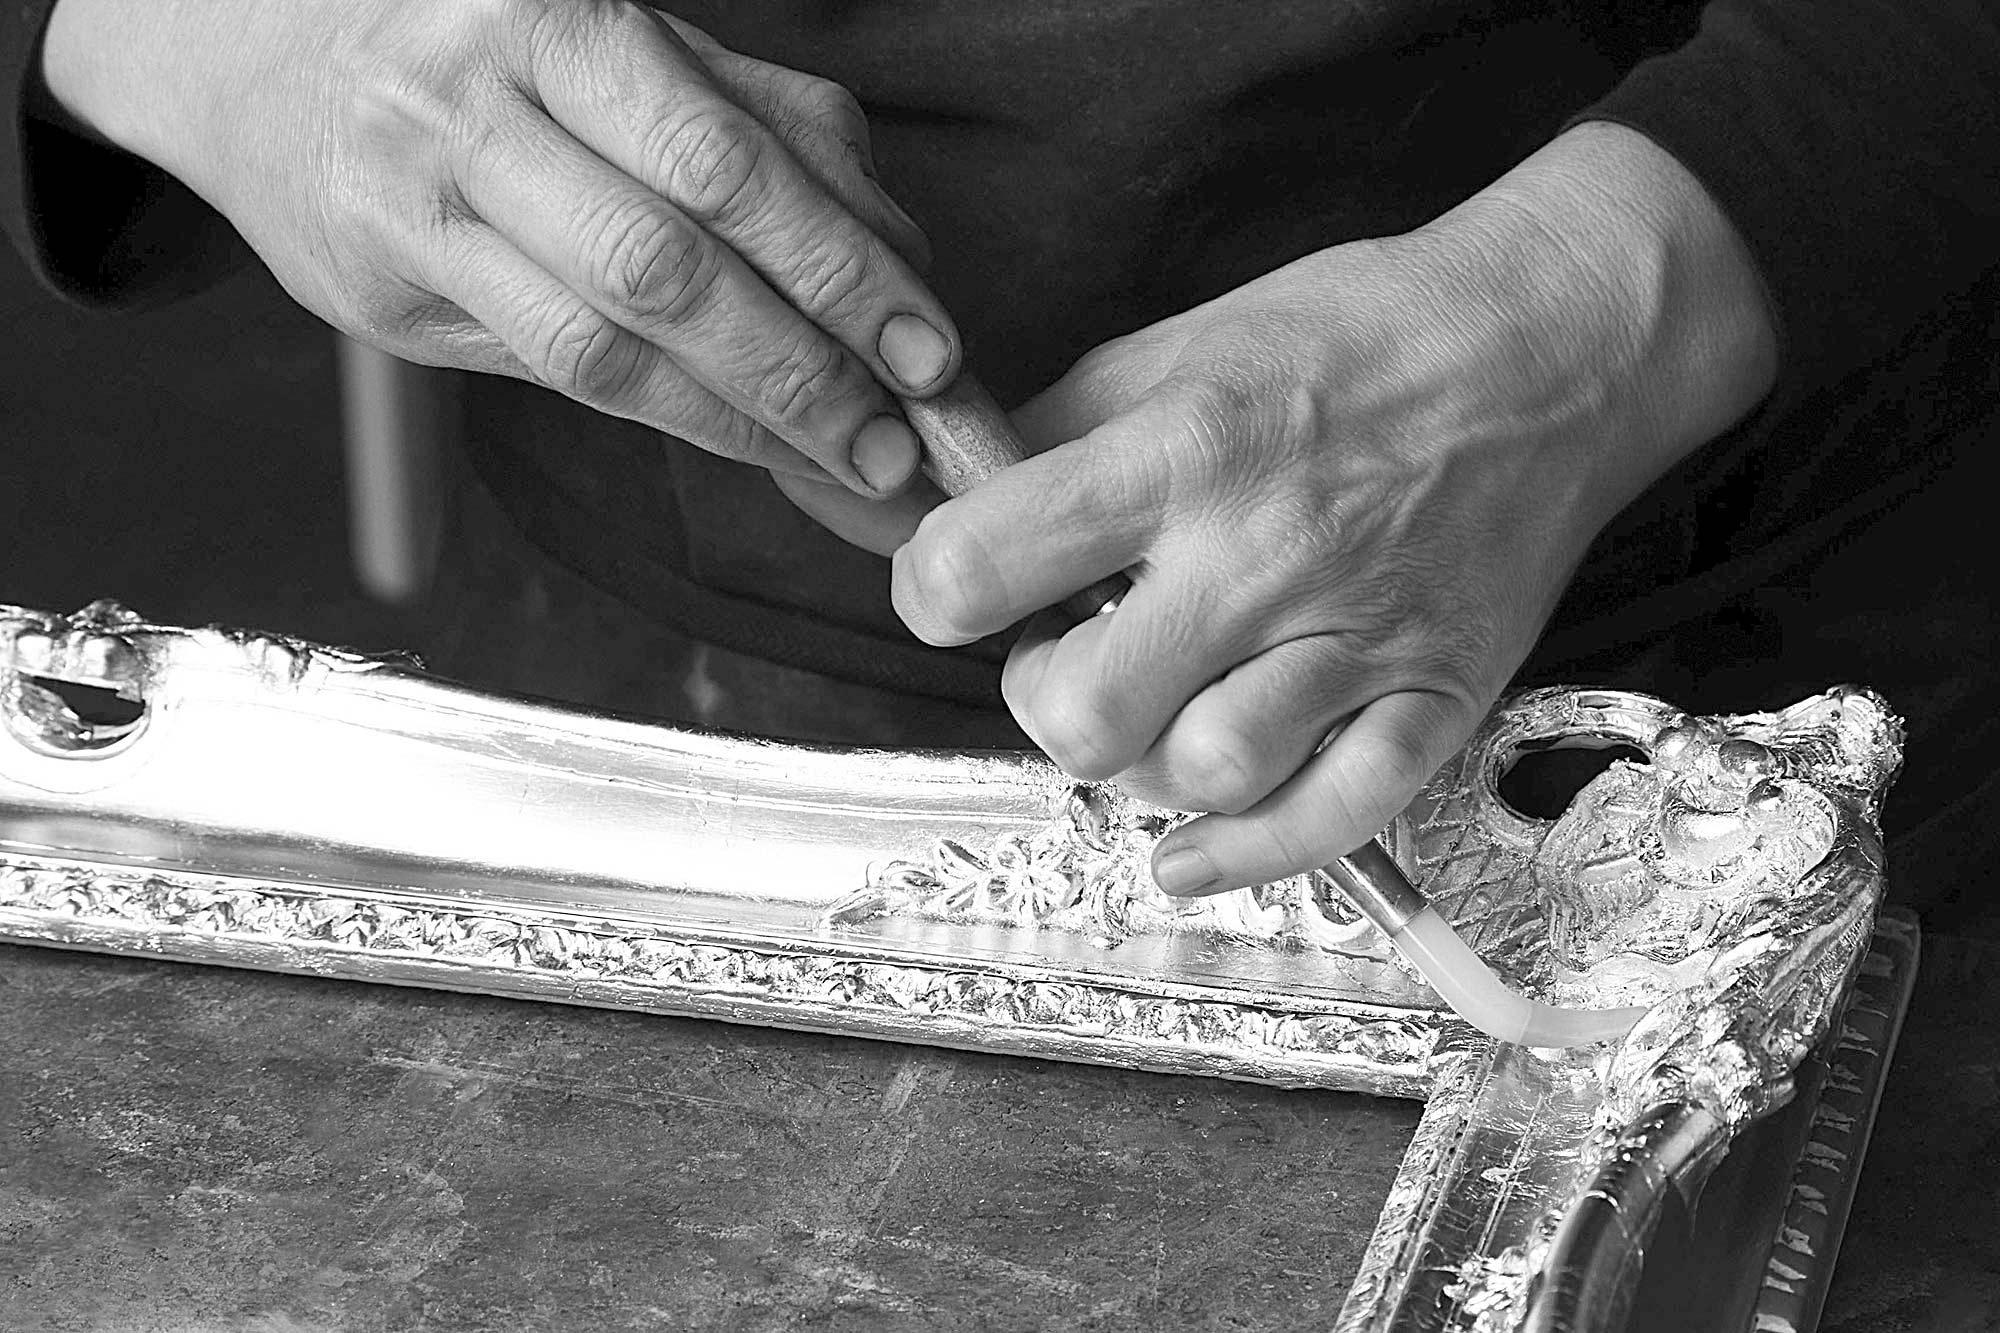 Neess encadrement atelier encadreur cadres de style ancien rg gault réalisés à la main dorure à la feuille rue du page Châtelain Bruxelles